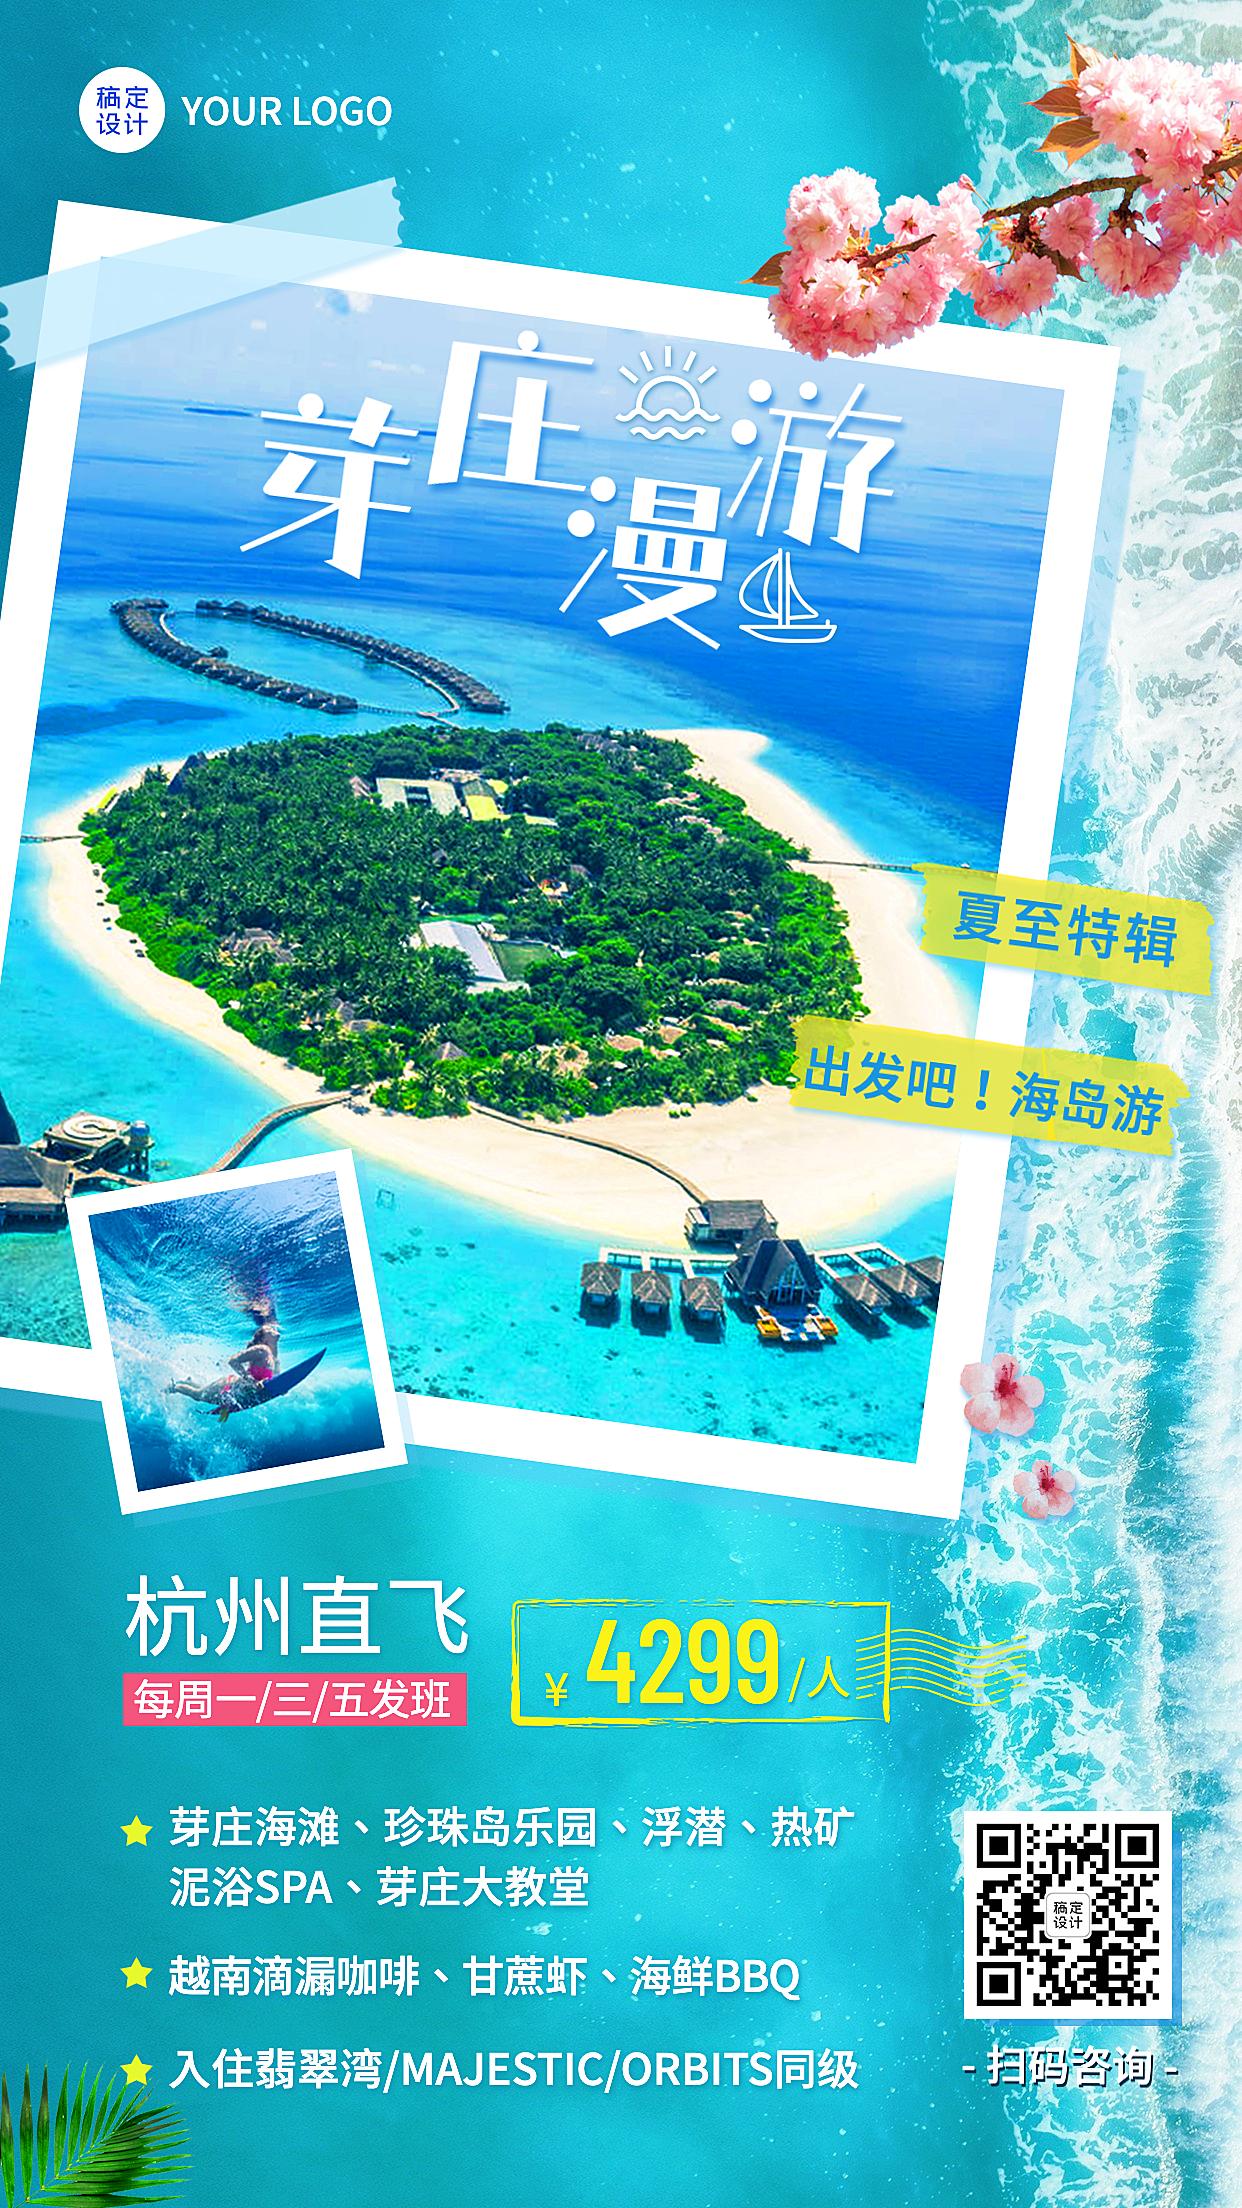 夏至旅游出行路线宣传海报